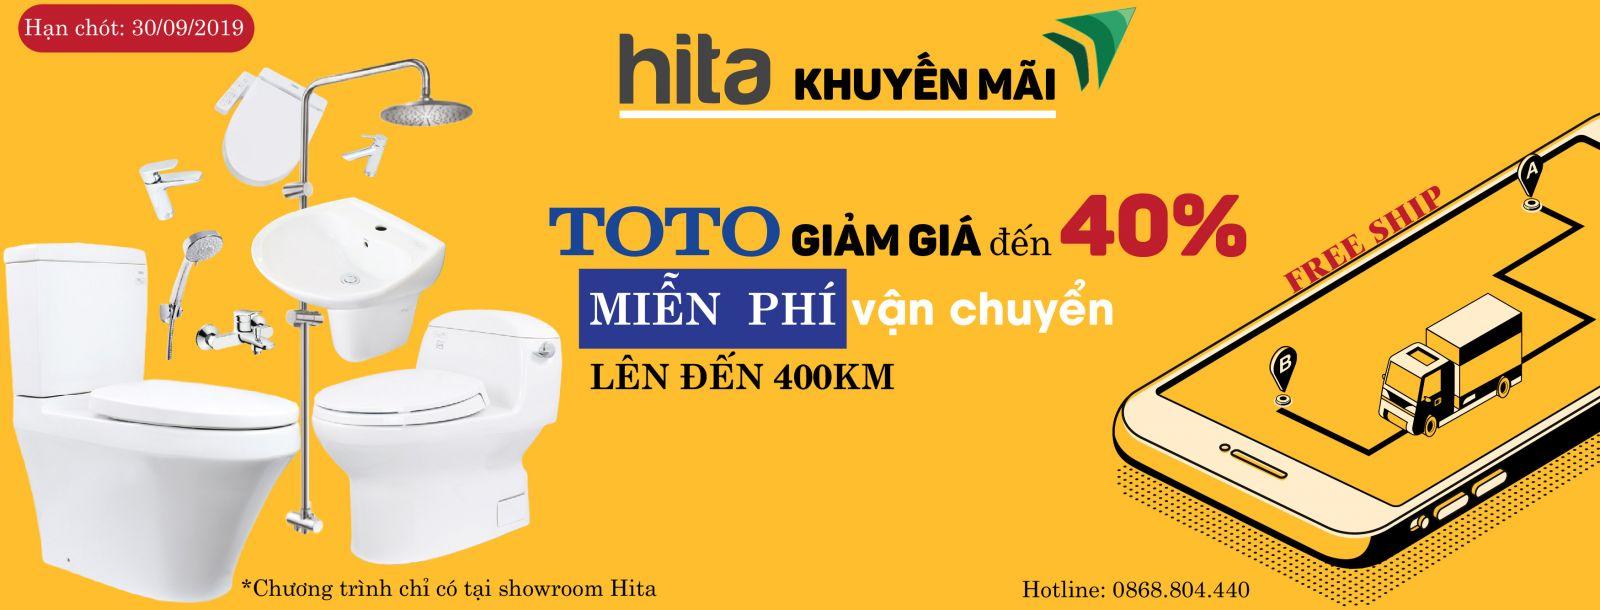 Khuyến mãi TOTO miễn phí vận chuyển Hita.